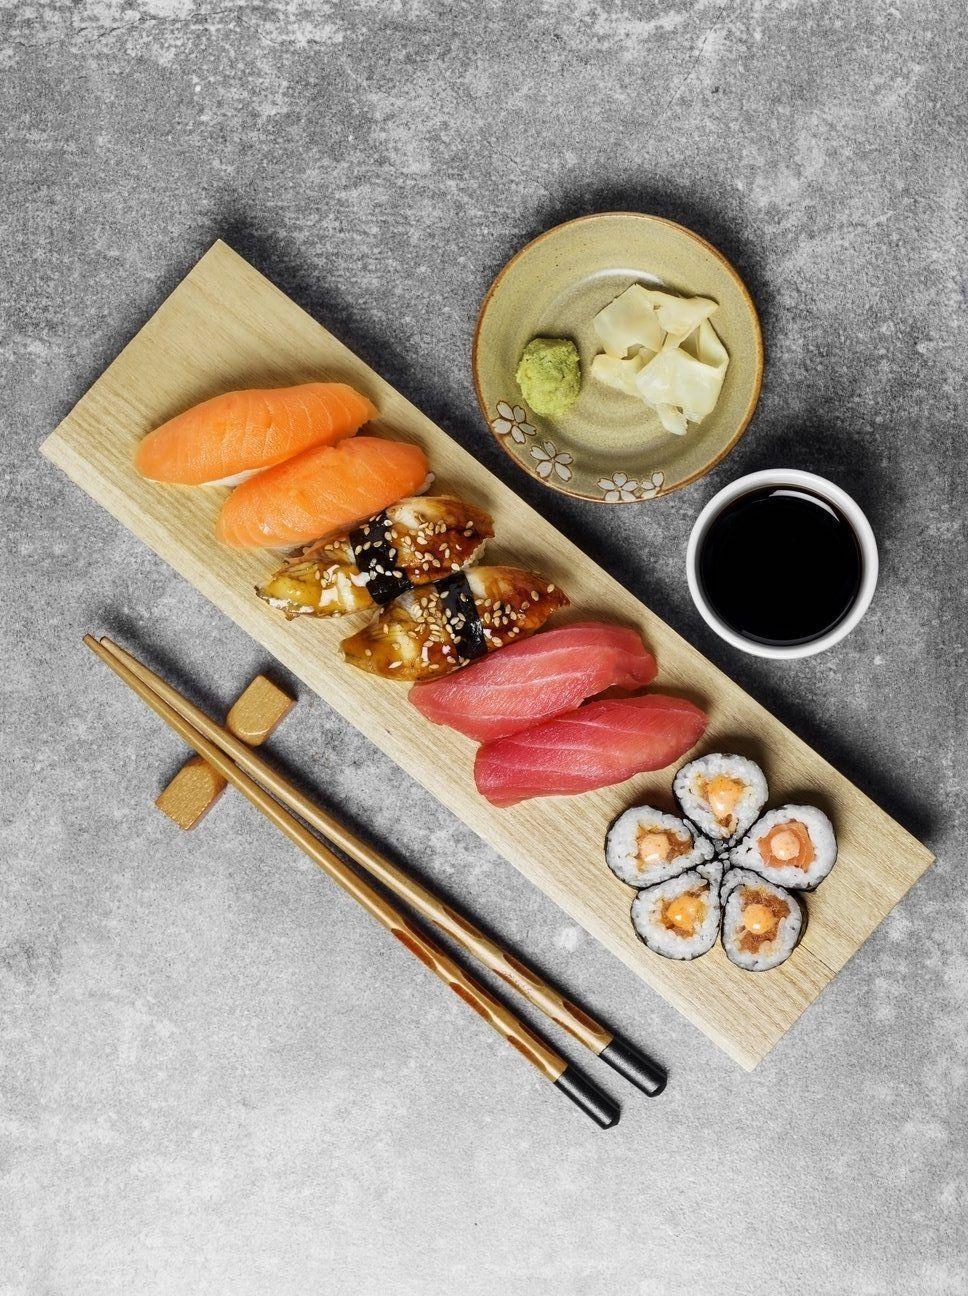 Abnehmen auf Japanisch: Sushi und Miso-Suppen zum Frühstück? #schlankaussehen Wer morgens schon auf ein japanisches Frühstück setzt, kann mit Energie in den Tag starten und bleibt länger satt – und nimmt ab. Wir erklären im Folgenden, wie gesund ein japanisches Frühstück wirklich ist und wie der fernöstliche Frühstücksteller aussehen könnte, auf Harper's Bazaar. #essen #gesunderezepte #schlank #abnehmen #dietplanstoloseweightforwomen #diettips #diät #healthtips #healthyfood #healt #schlankaussehen